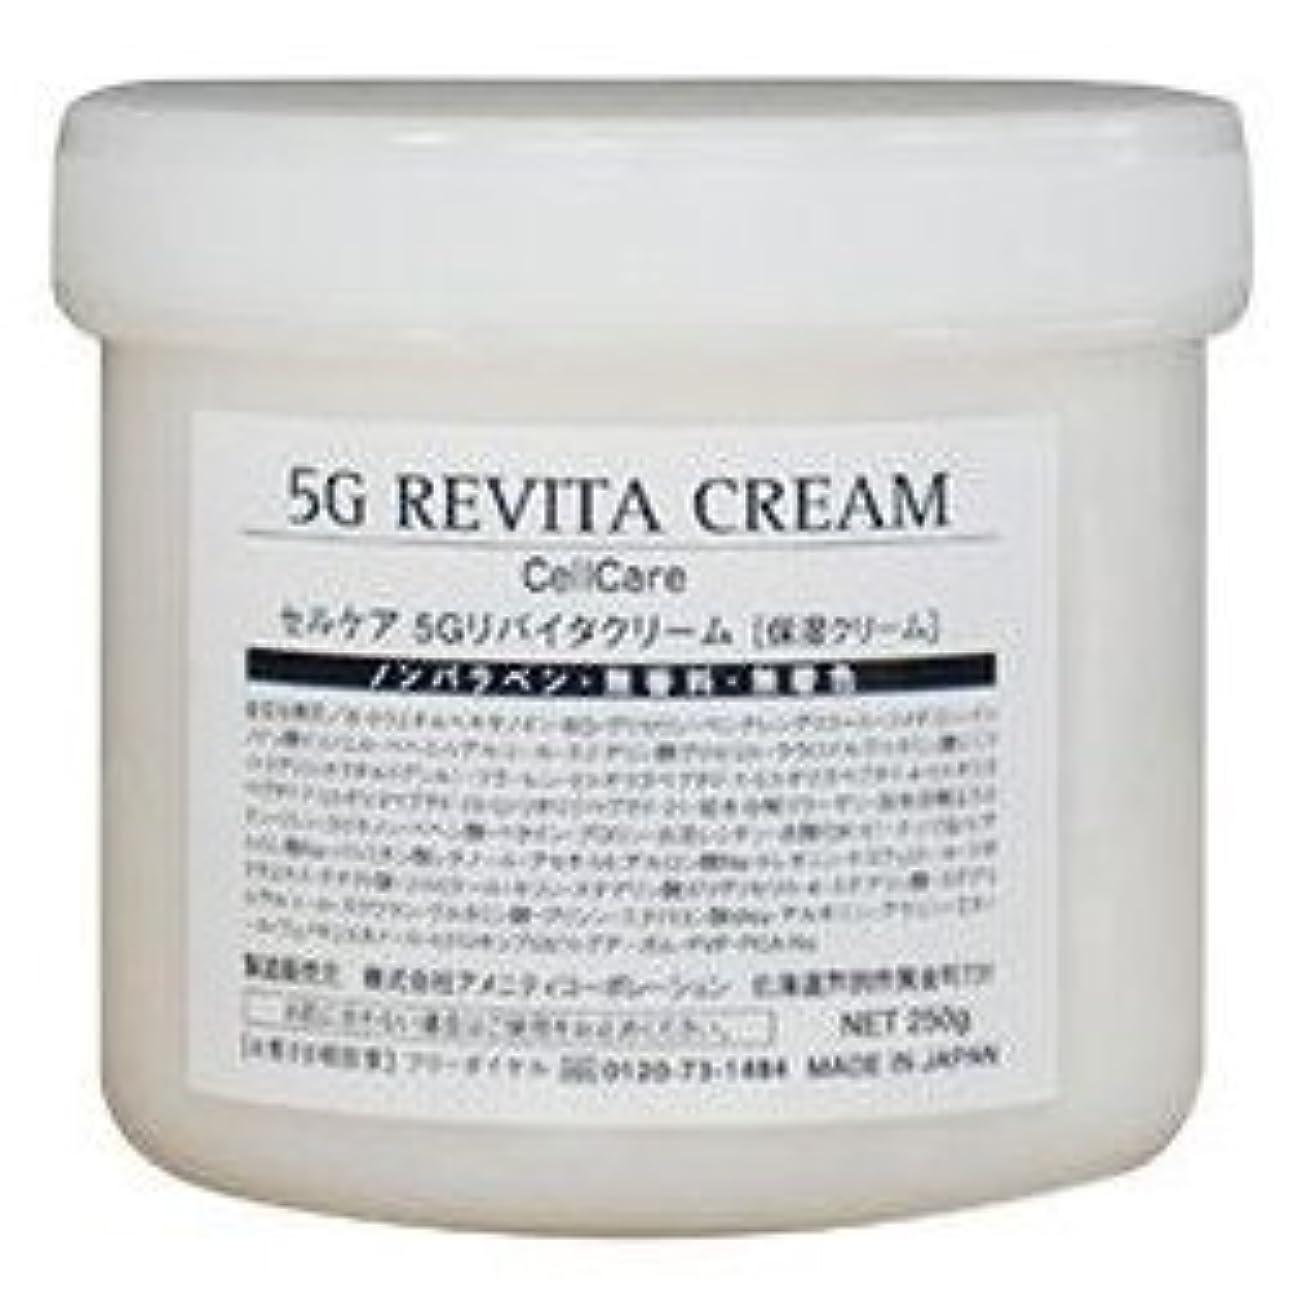 包括的インキュバスヒールセルケアGF プレミアム 5Gリバイタルクリーム 保湿クリーム お徳用250g